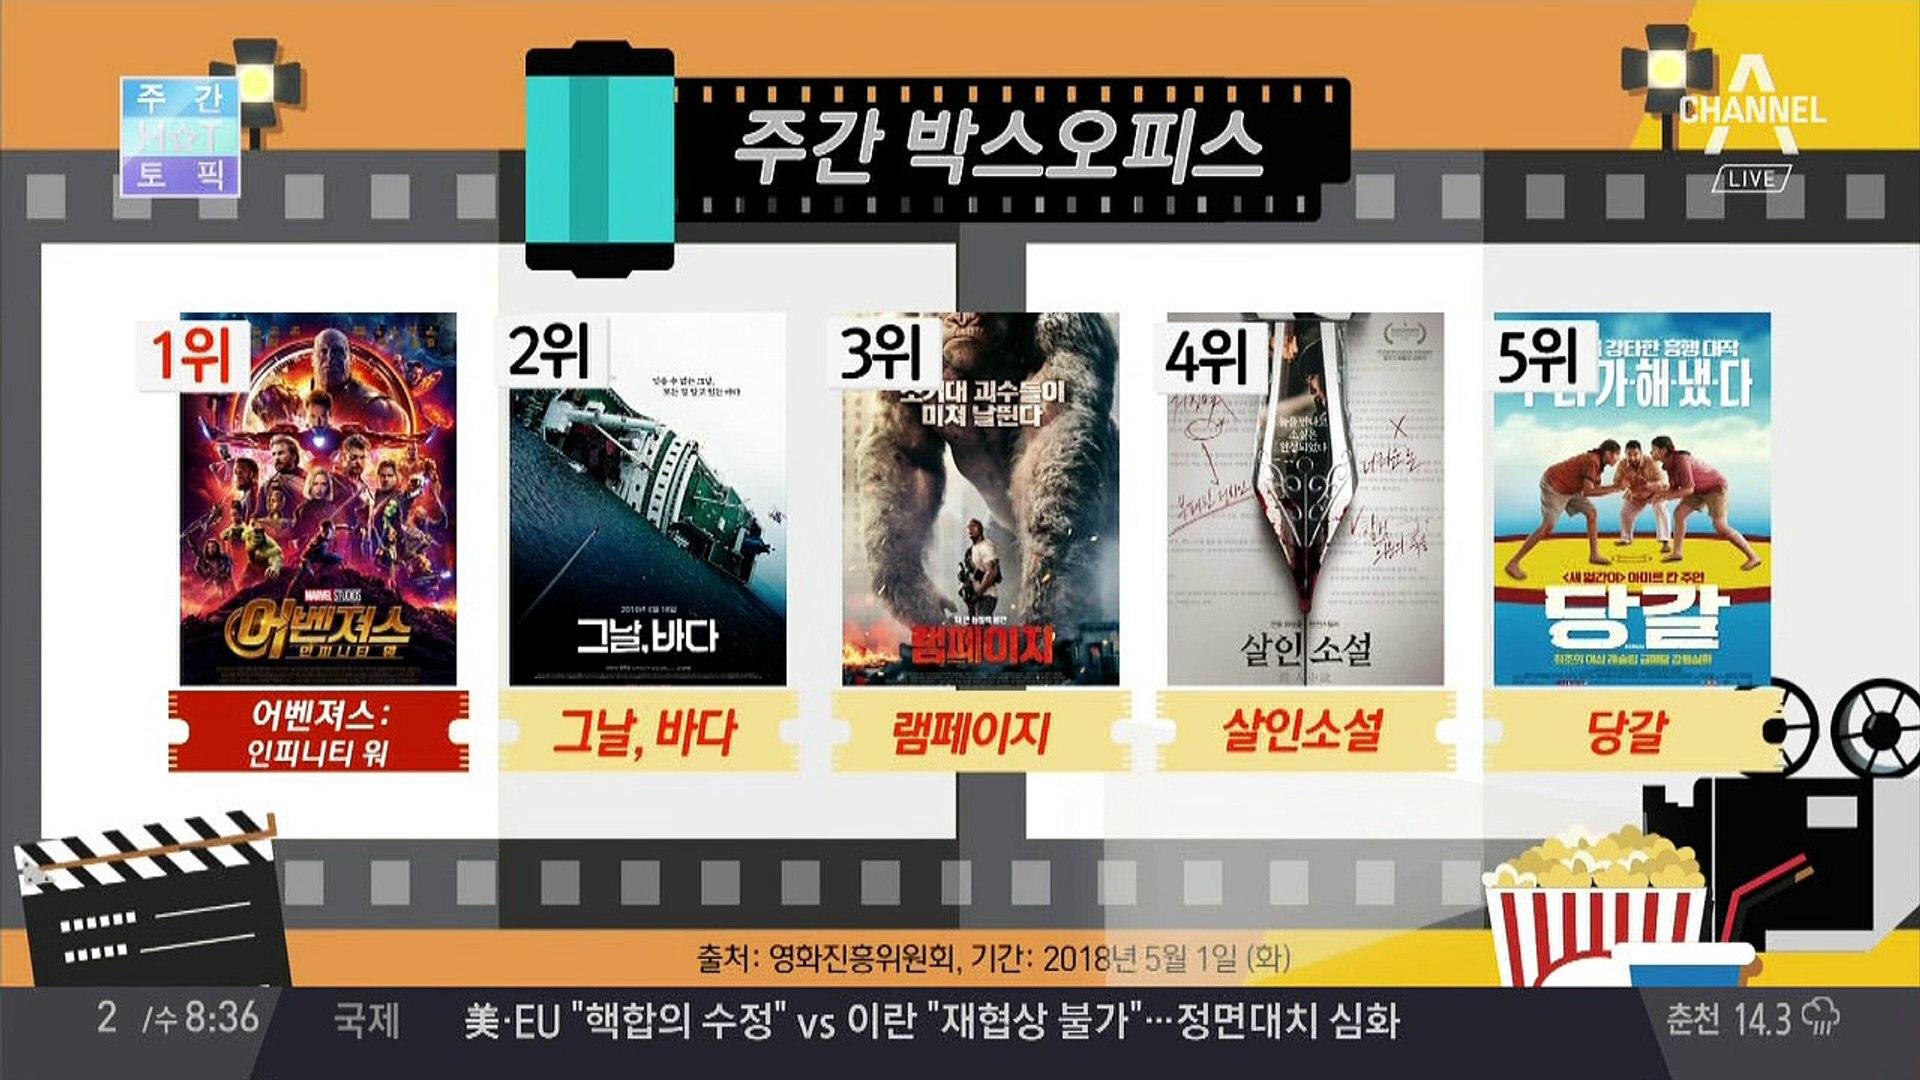 이번주 가장 핫한 영화 BEST5는?